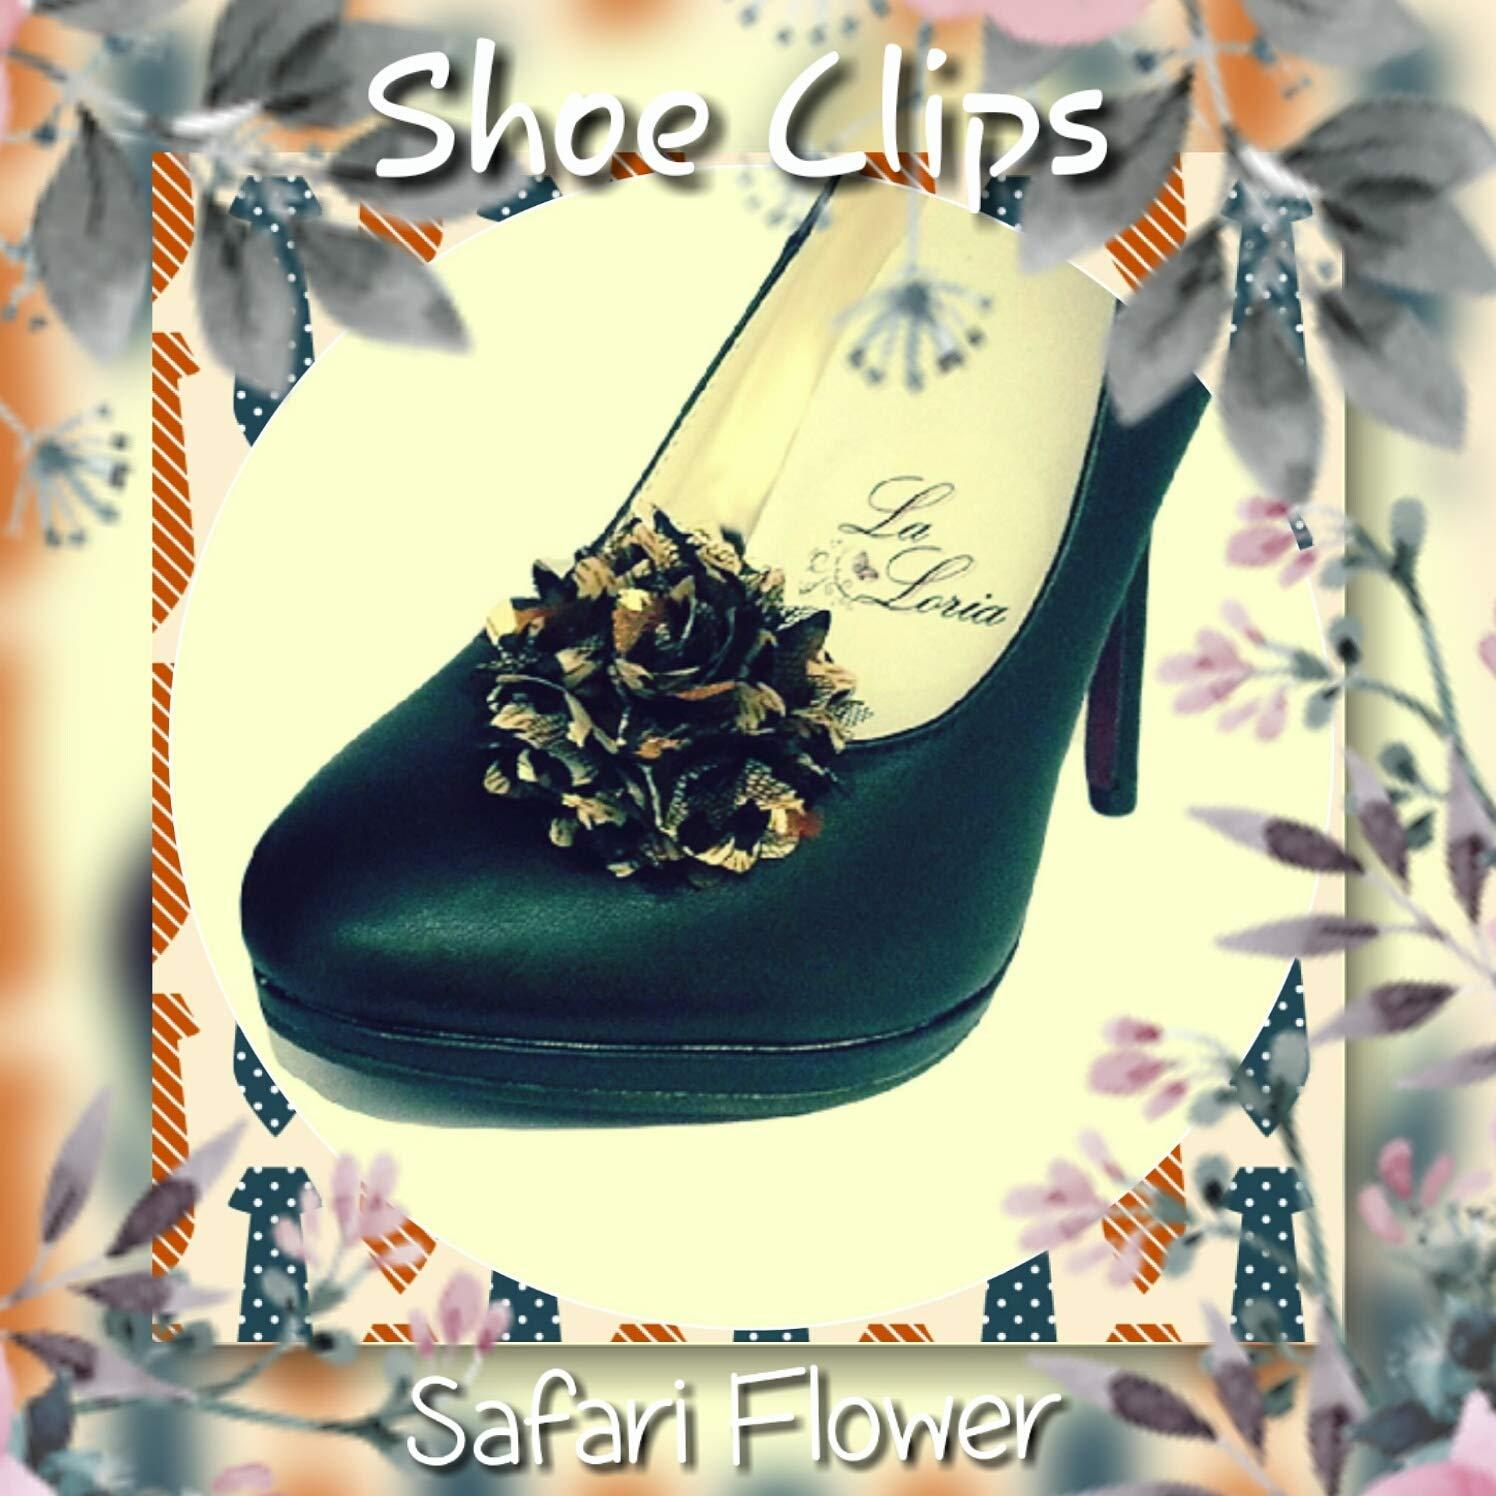 La Loria Donna 2 Clips Decorative Per Scarpe Safari Flower Gioielli Asportabile Clips Per Scarpe